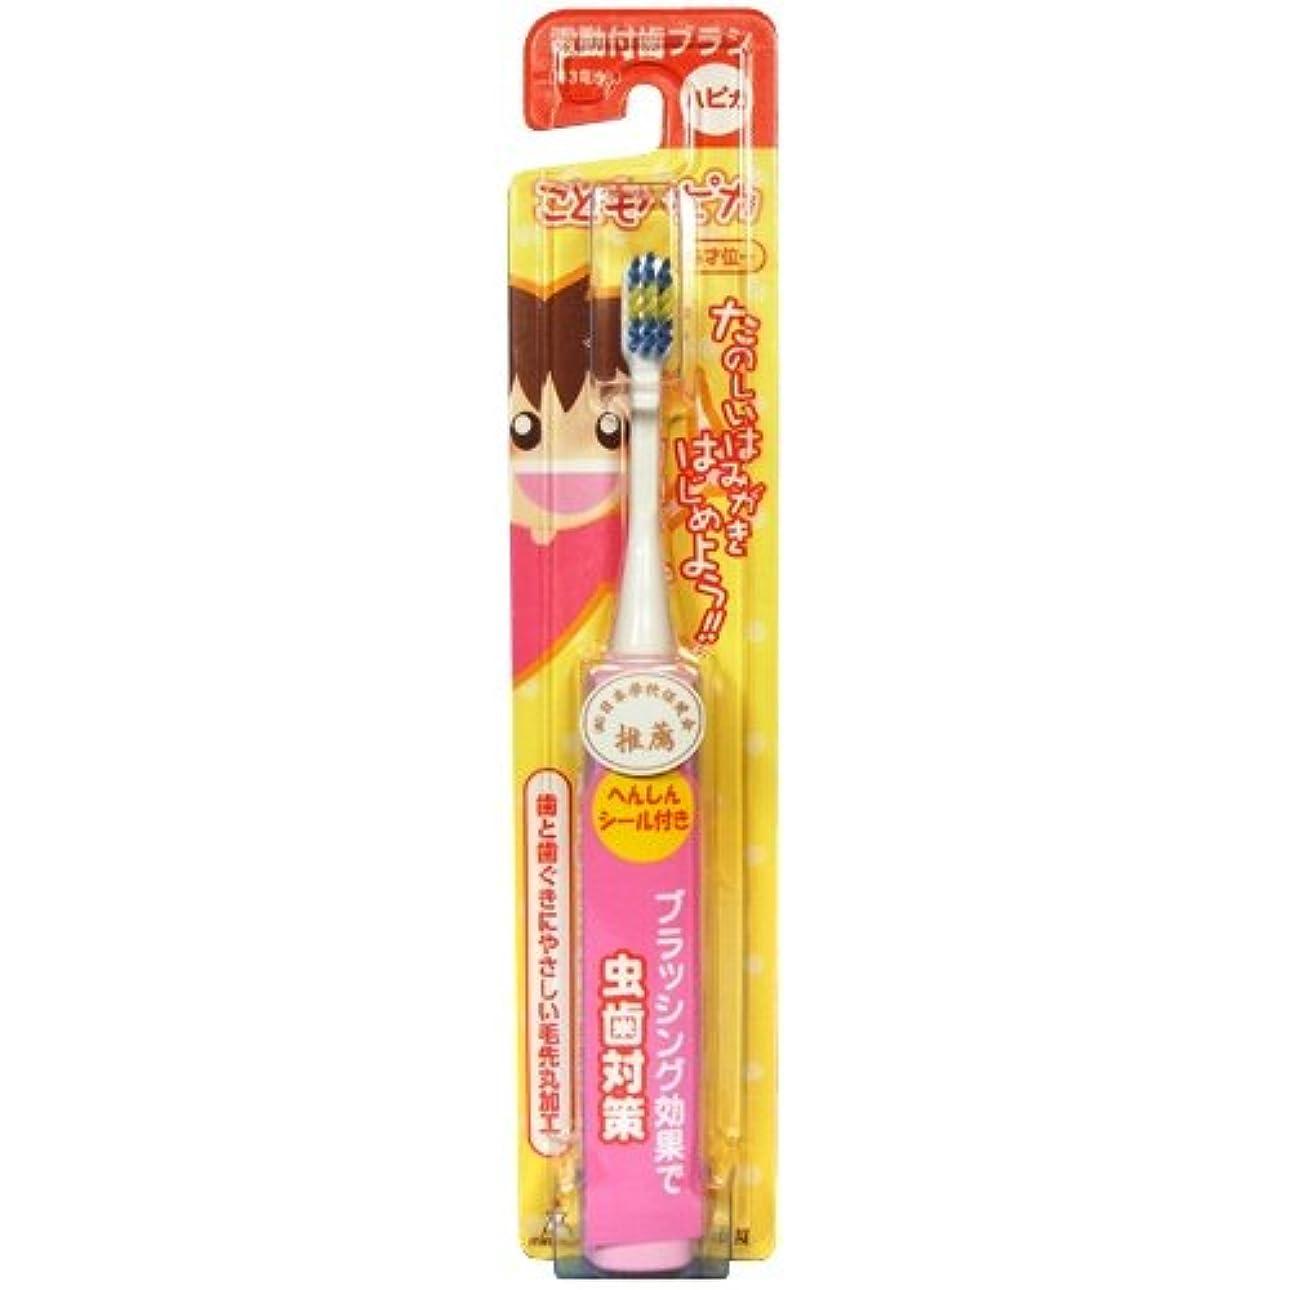 デコレーションとは異なり先生ミニマム 電動付歯ブラシ こどもハピカ ピンク 毛の硬さ:やわらかめ DBK-1P(BP)